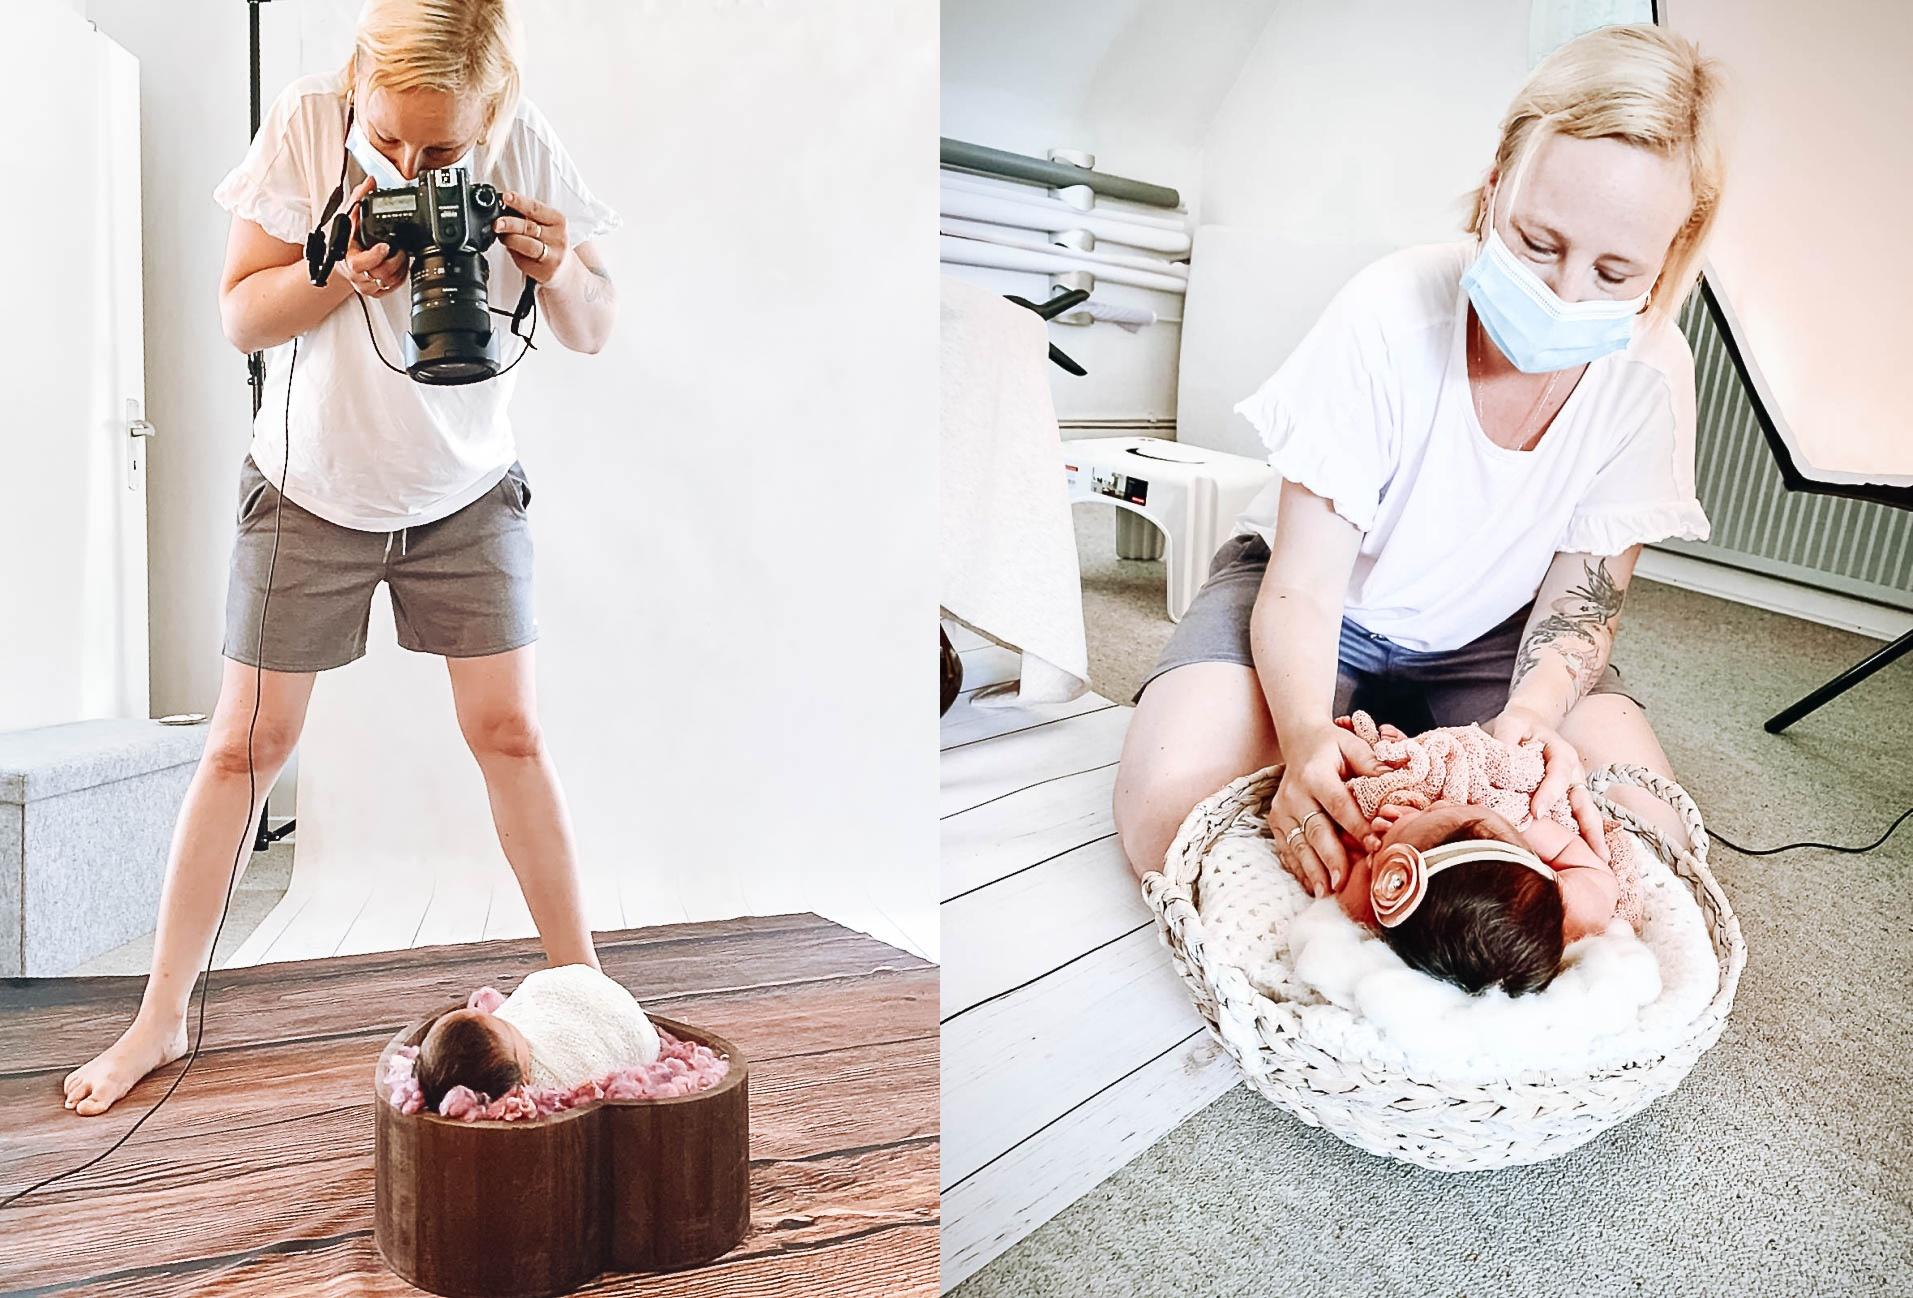 Die Fotografin mit Herz in Action